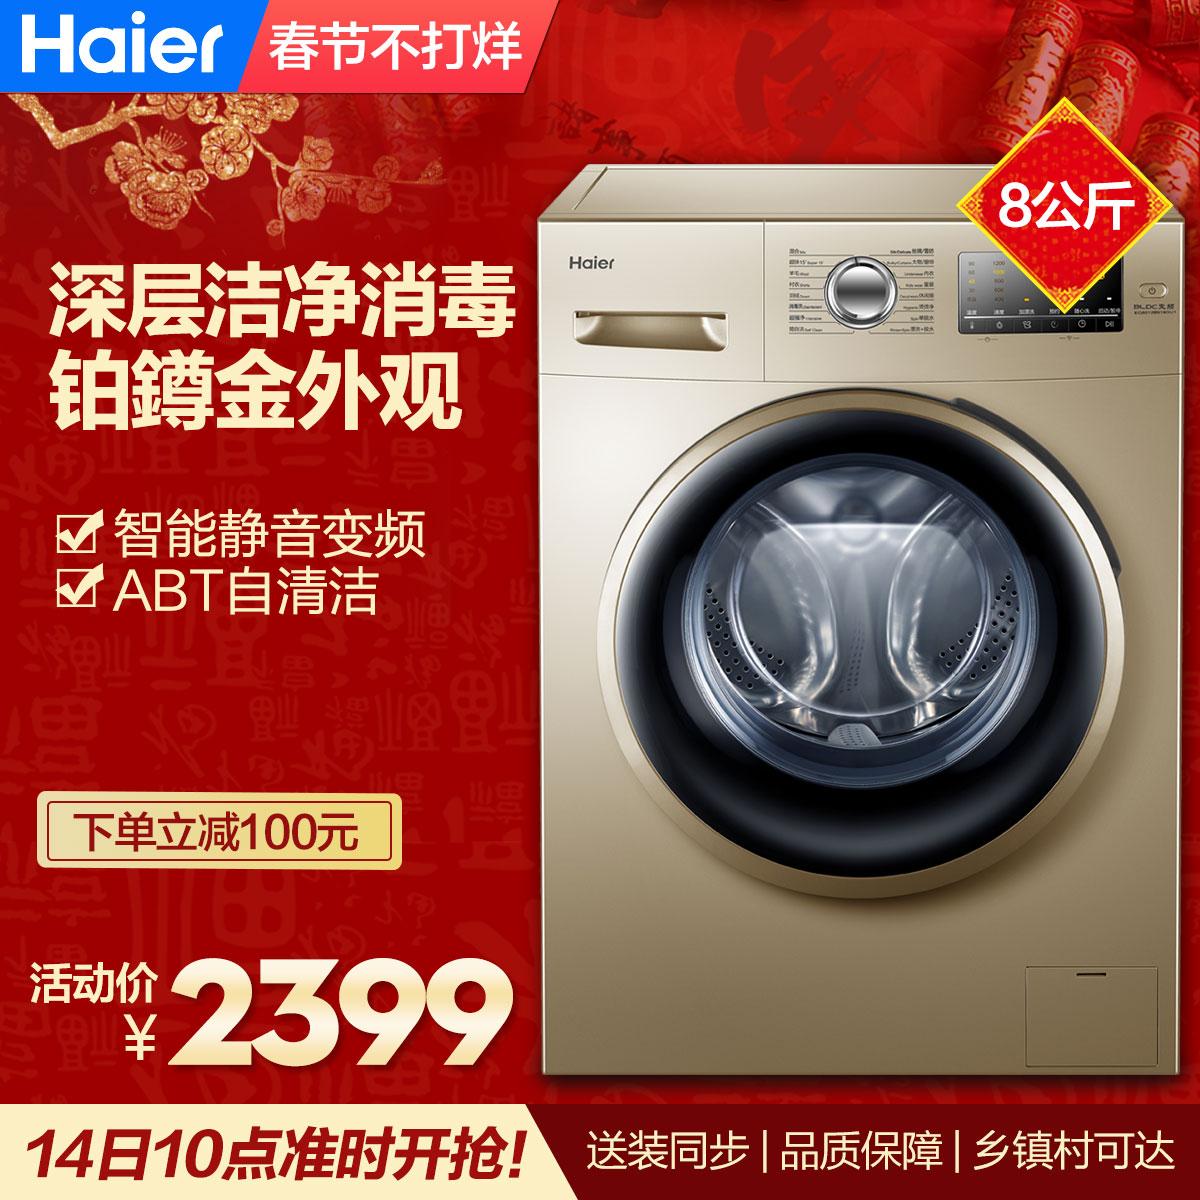 8公斤iMate8智能变频滚筒洗衣机,铂鐏金外观 ABT自清洁 健康筒自洁 EG8012B919GU1